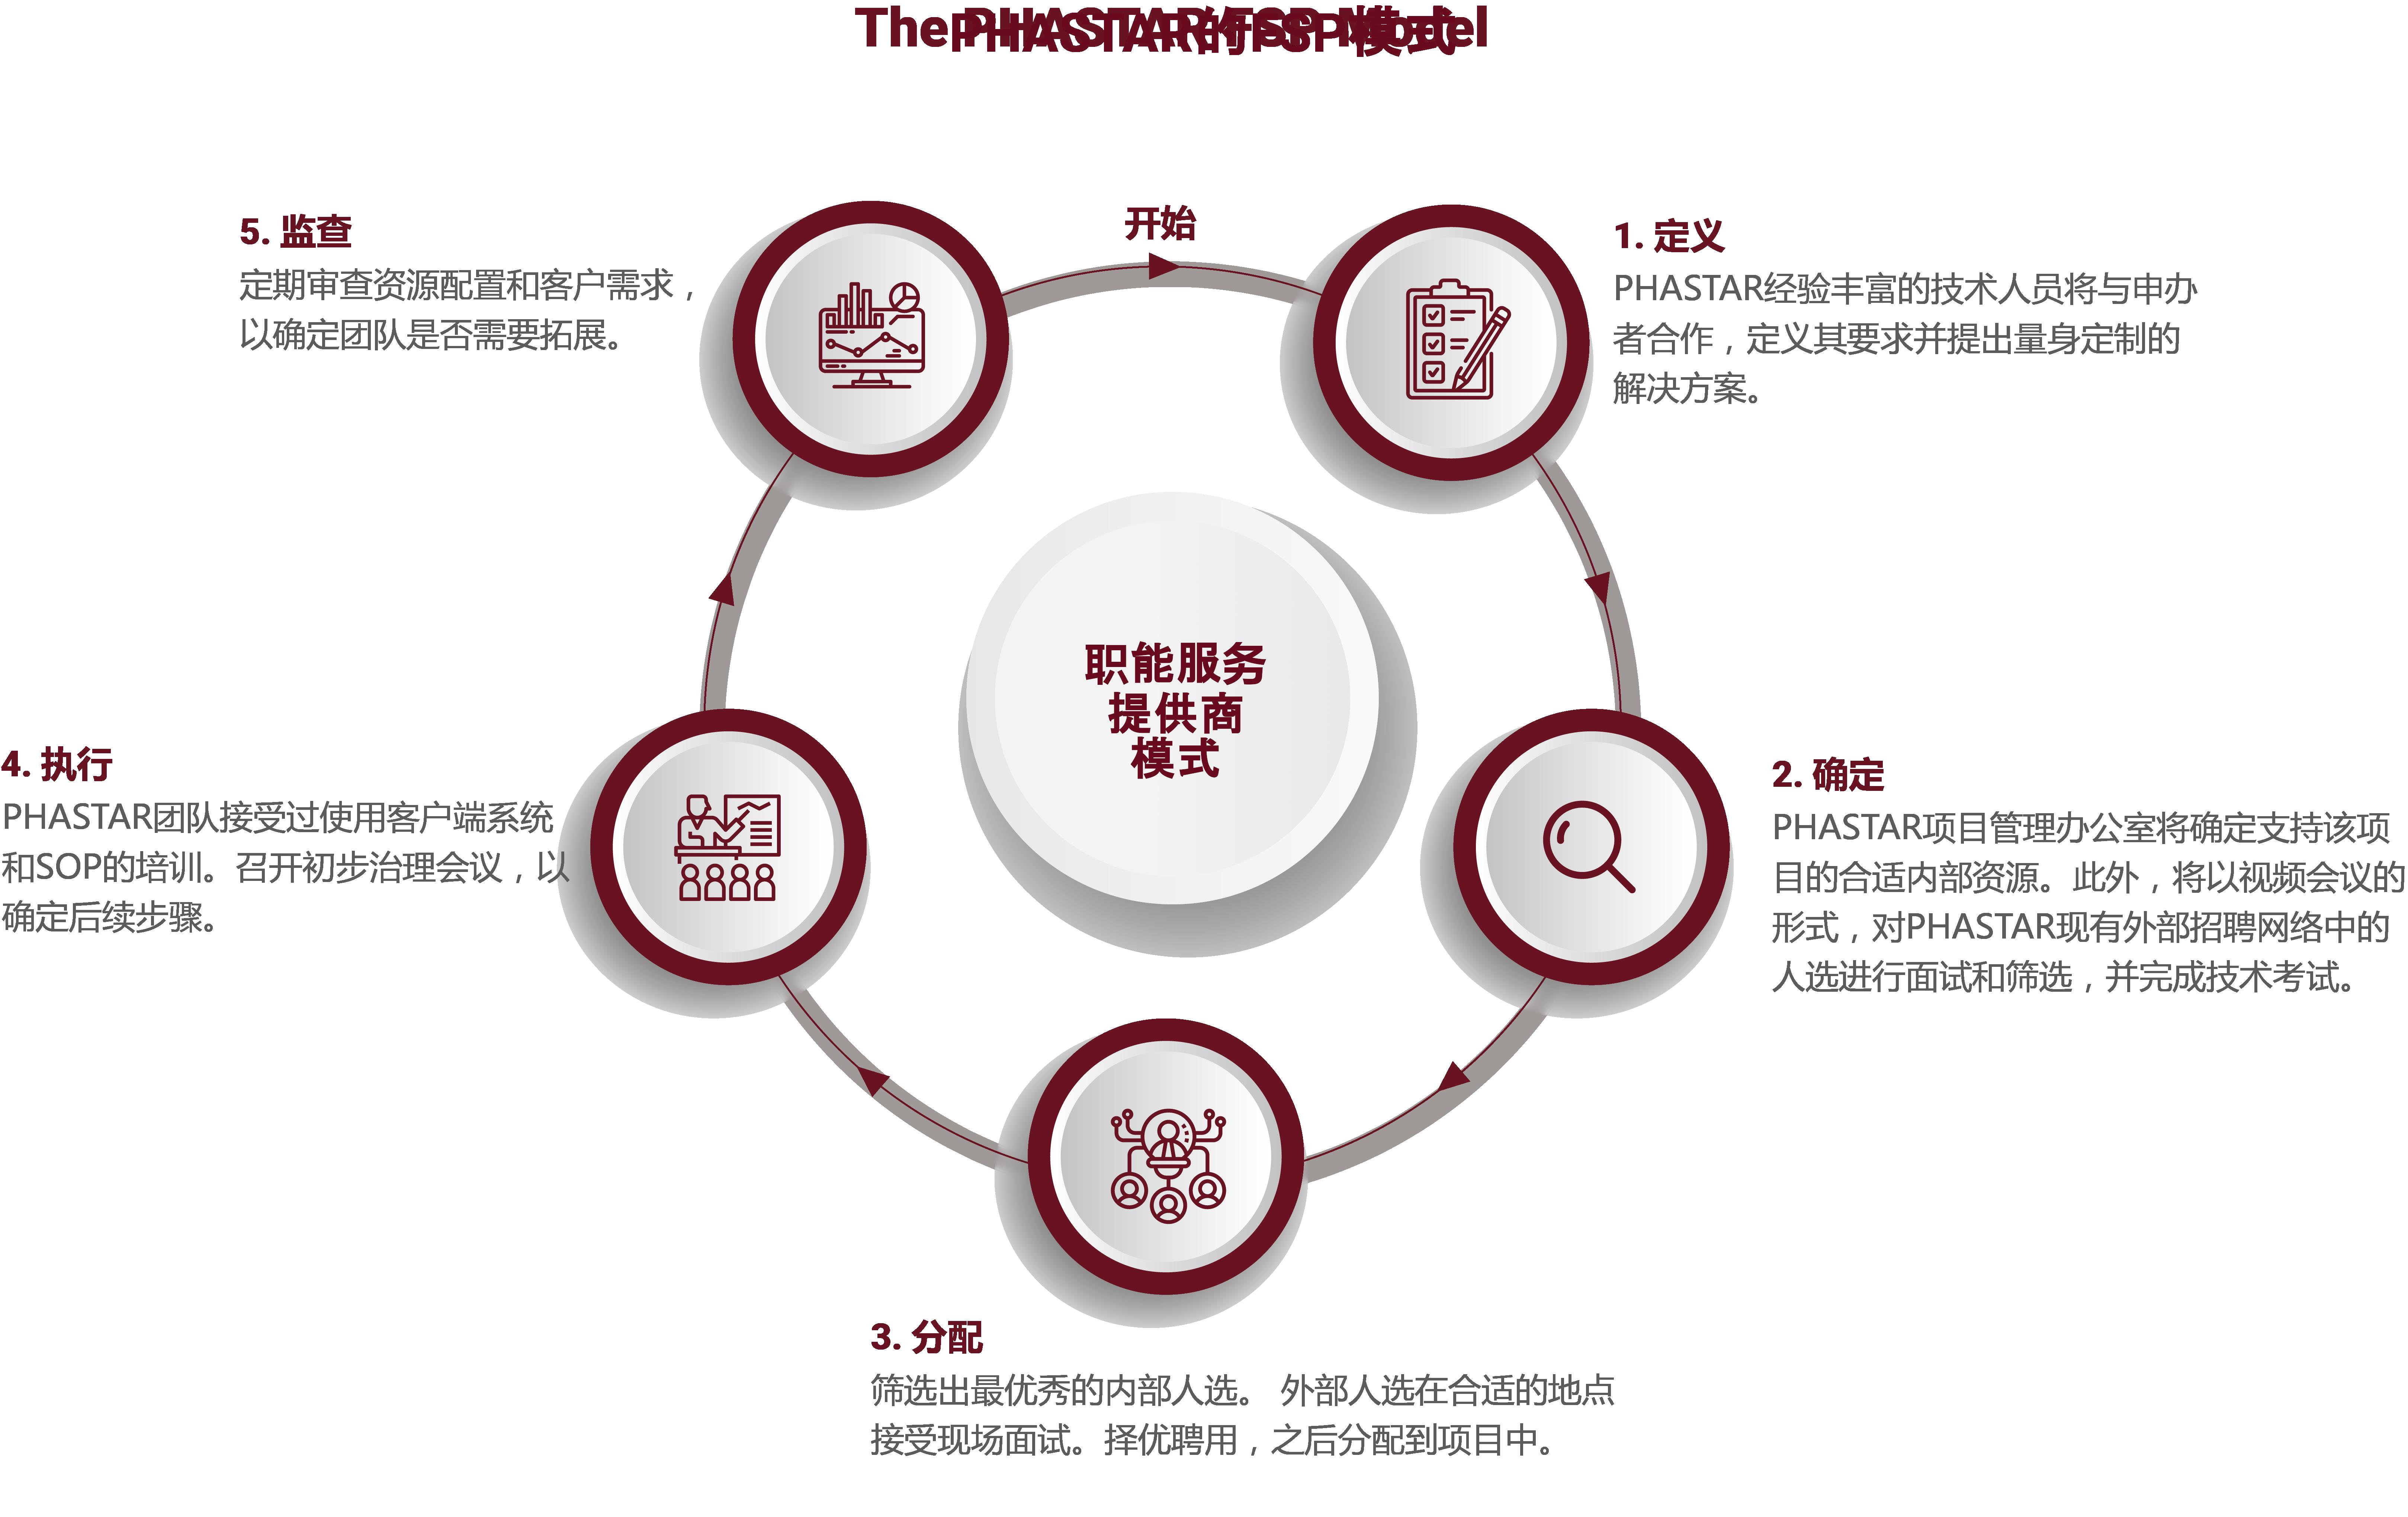 PHASTAR的FSP模式